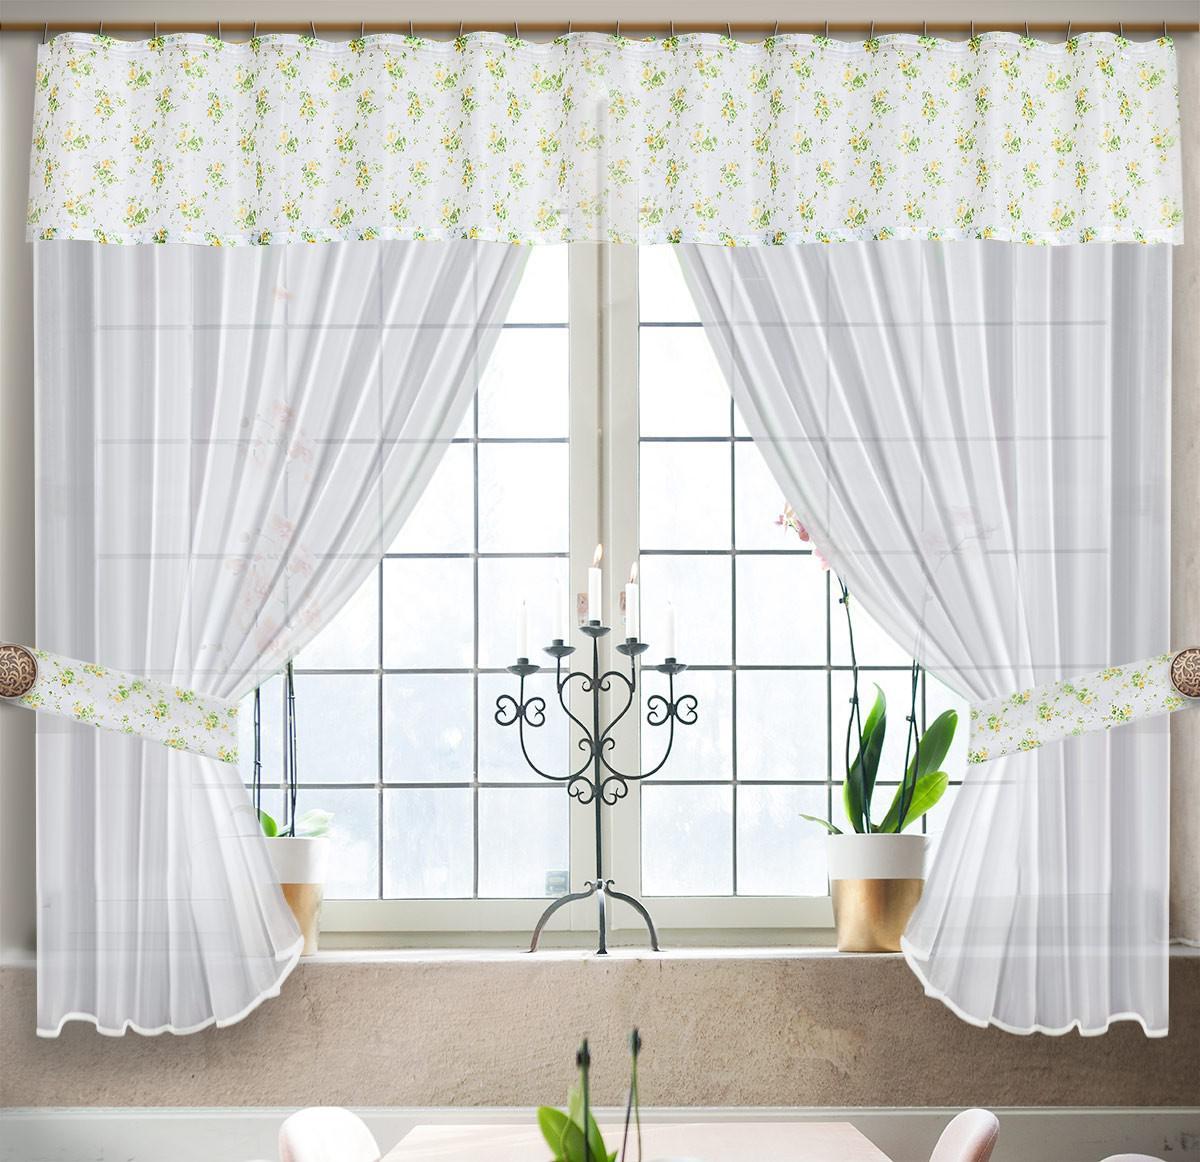 0028/БЗ, ФЛОРАНС, комплект из вуали , цвет бело-зеленый,  размеры 300 см ширина, 180 см высота,  состоит из 3-х деталей. подхваты входят в комплектицию